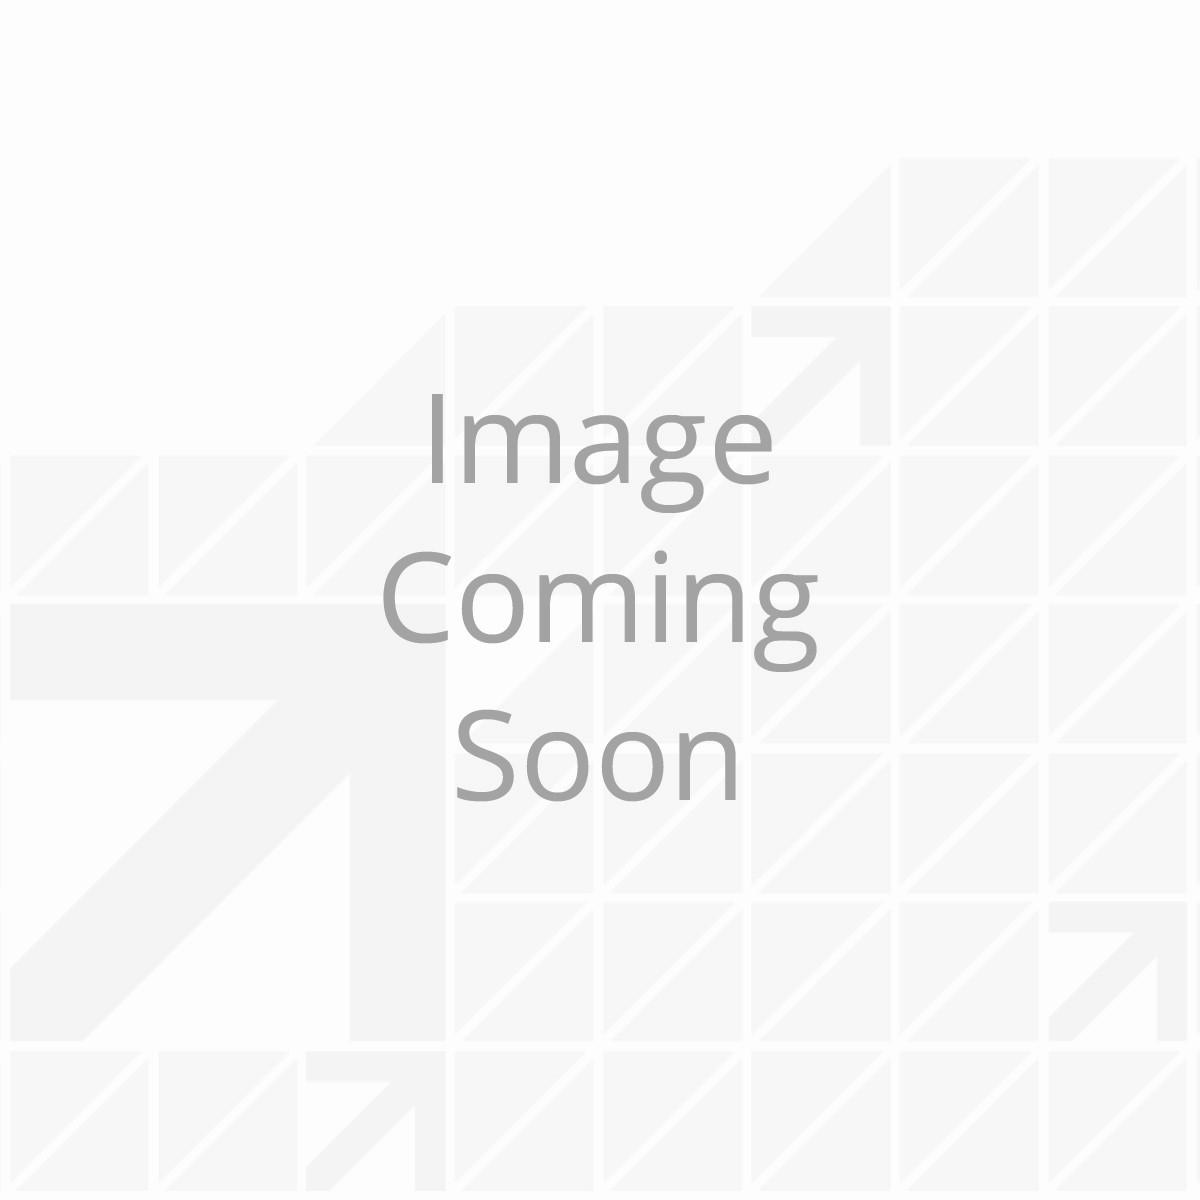 8.5' x 30' SuperFlex, Almond (255.0 SqFt/Roll)